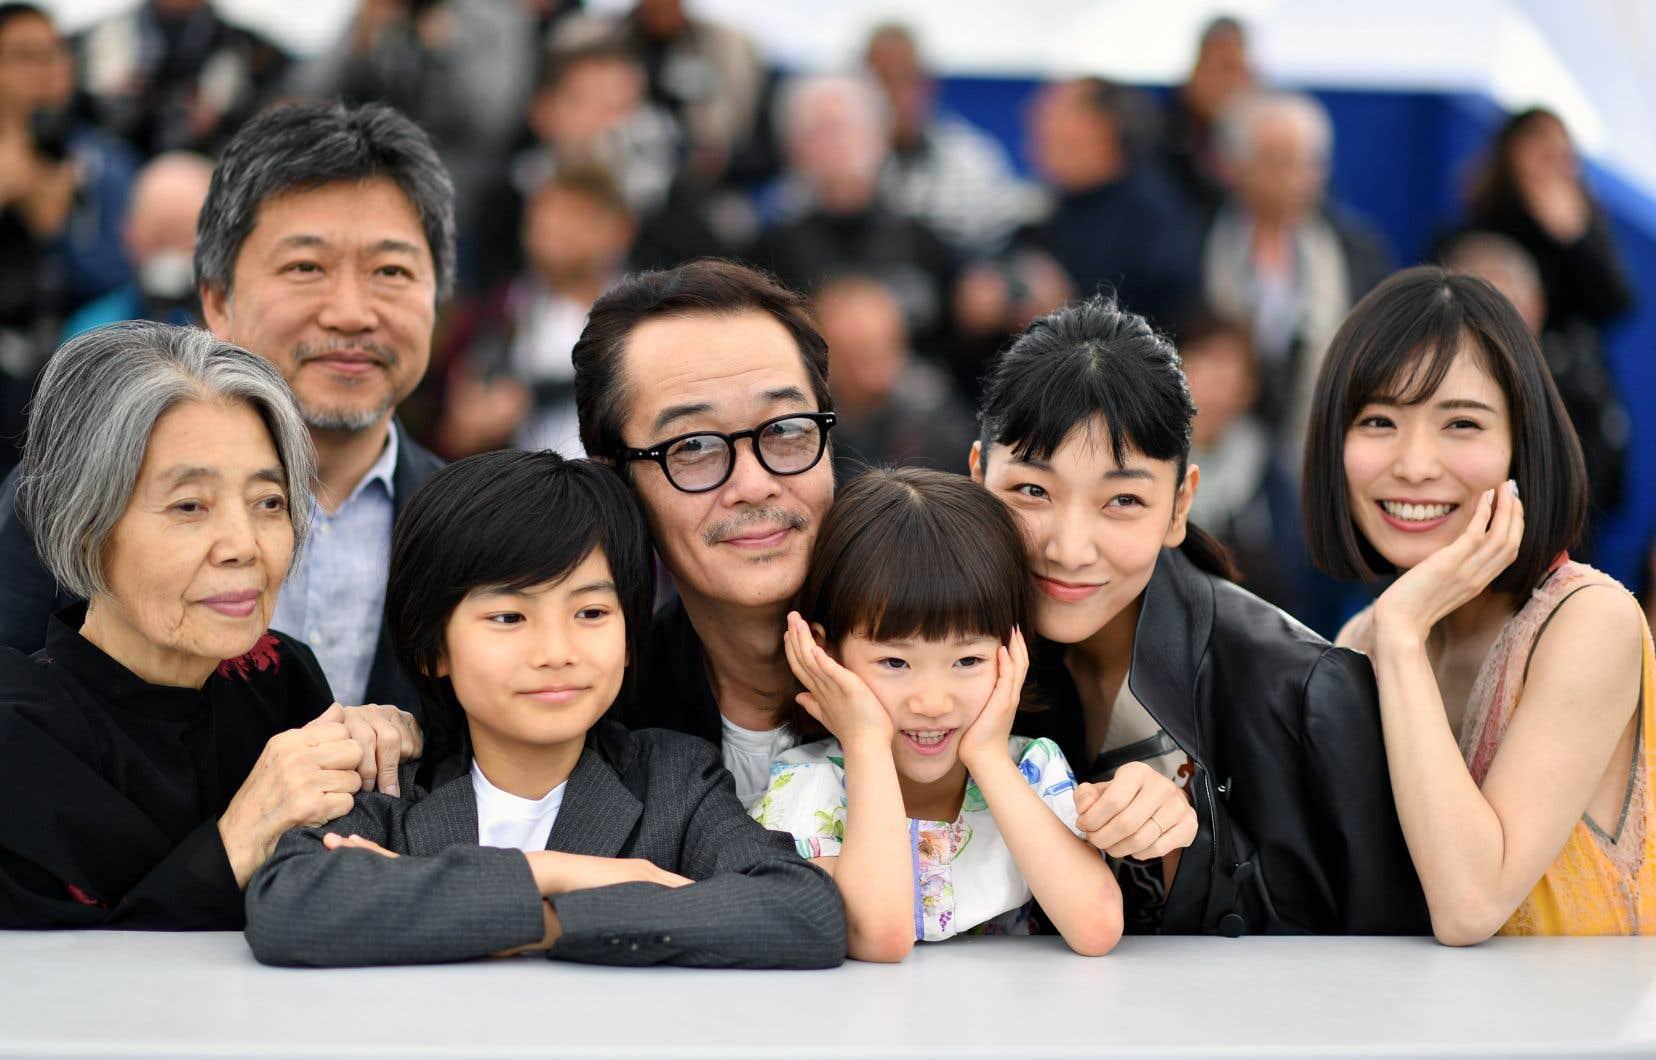 À partir de la gauche, l'actrice Kirin Kiki et le réalisateur Hirokazu Kore-Eda aux côtés des comédiennes Jyo Kairi, Lily Franky, Miyu Sasaki, Sakura Ando et Mayu Matsuako, lundi, à Cannes